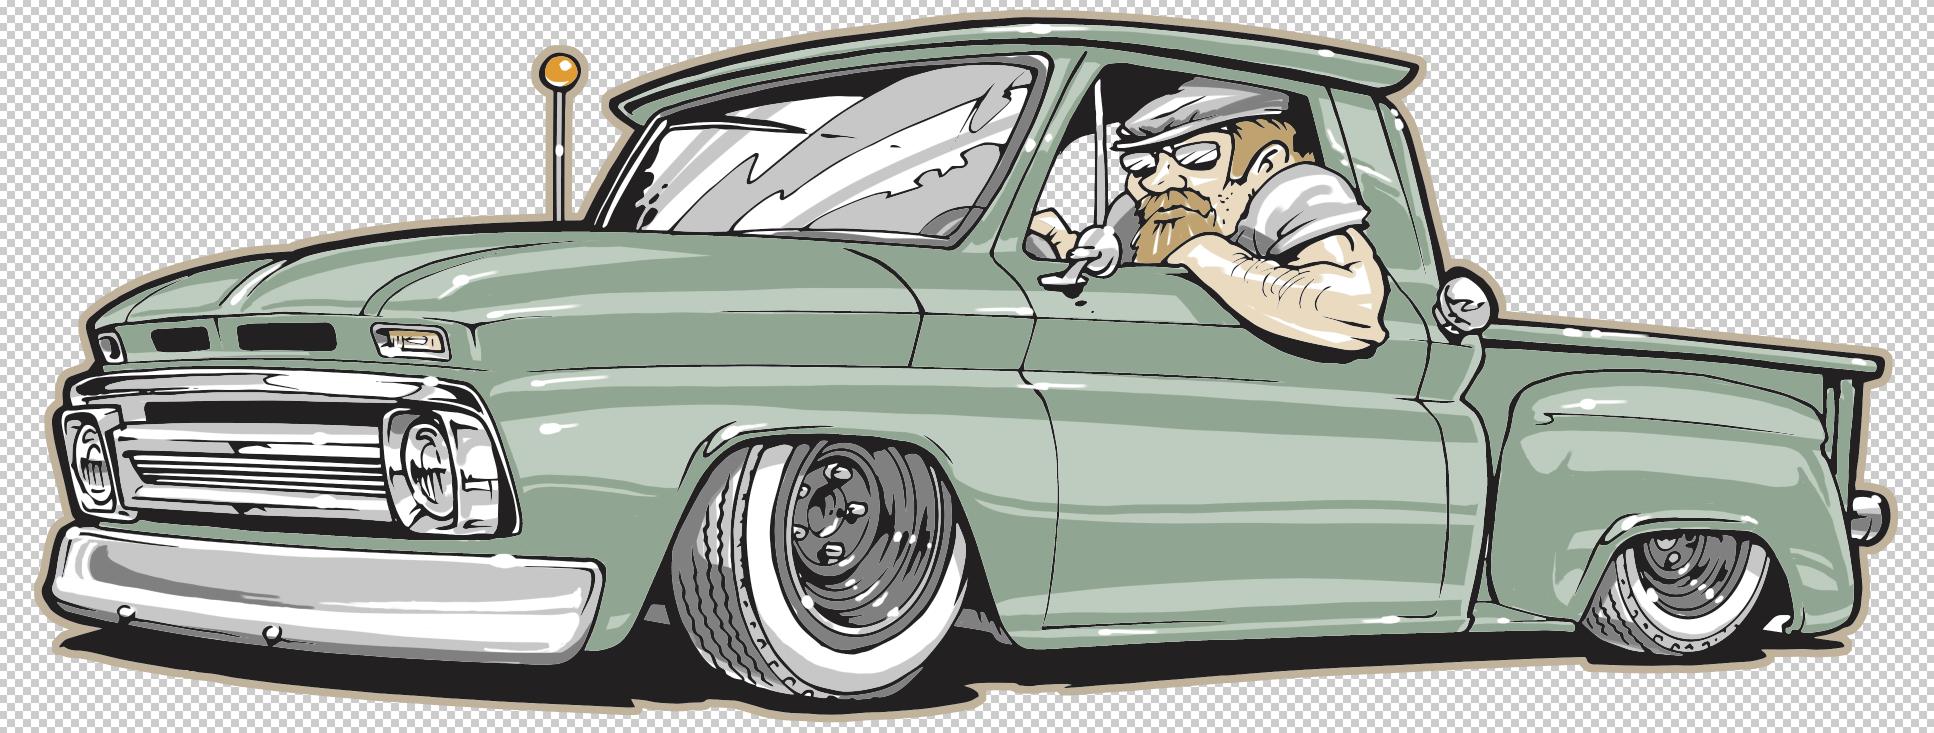 Rebel Truck.psd _ 50% (TRUCK, CMYK_8) _ 2017-06-15 23-42-45